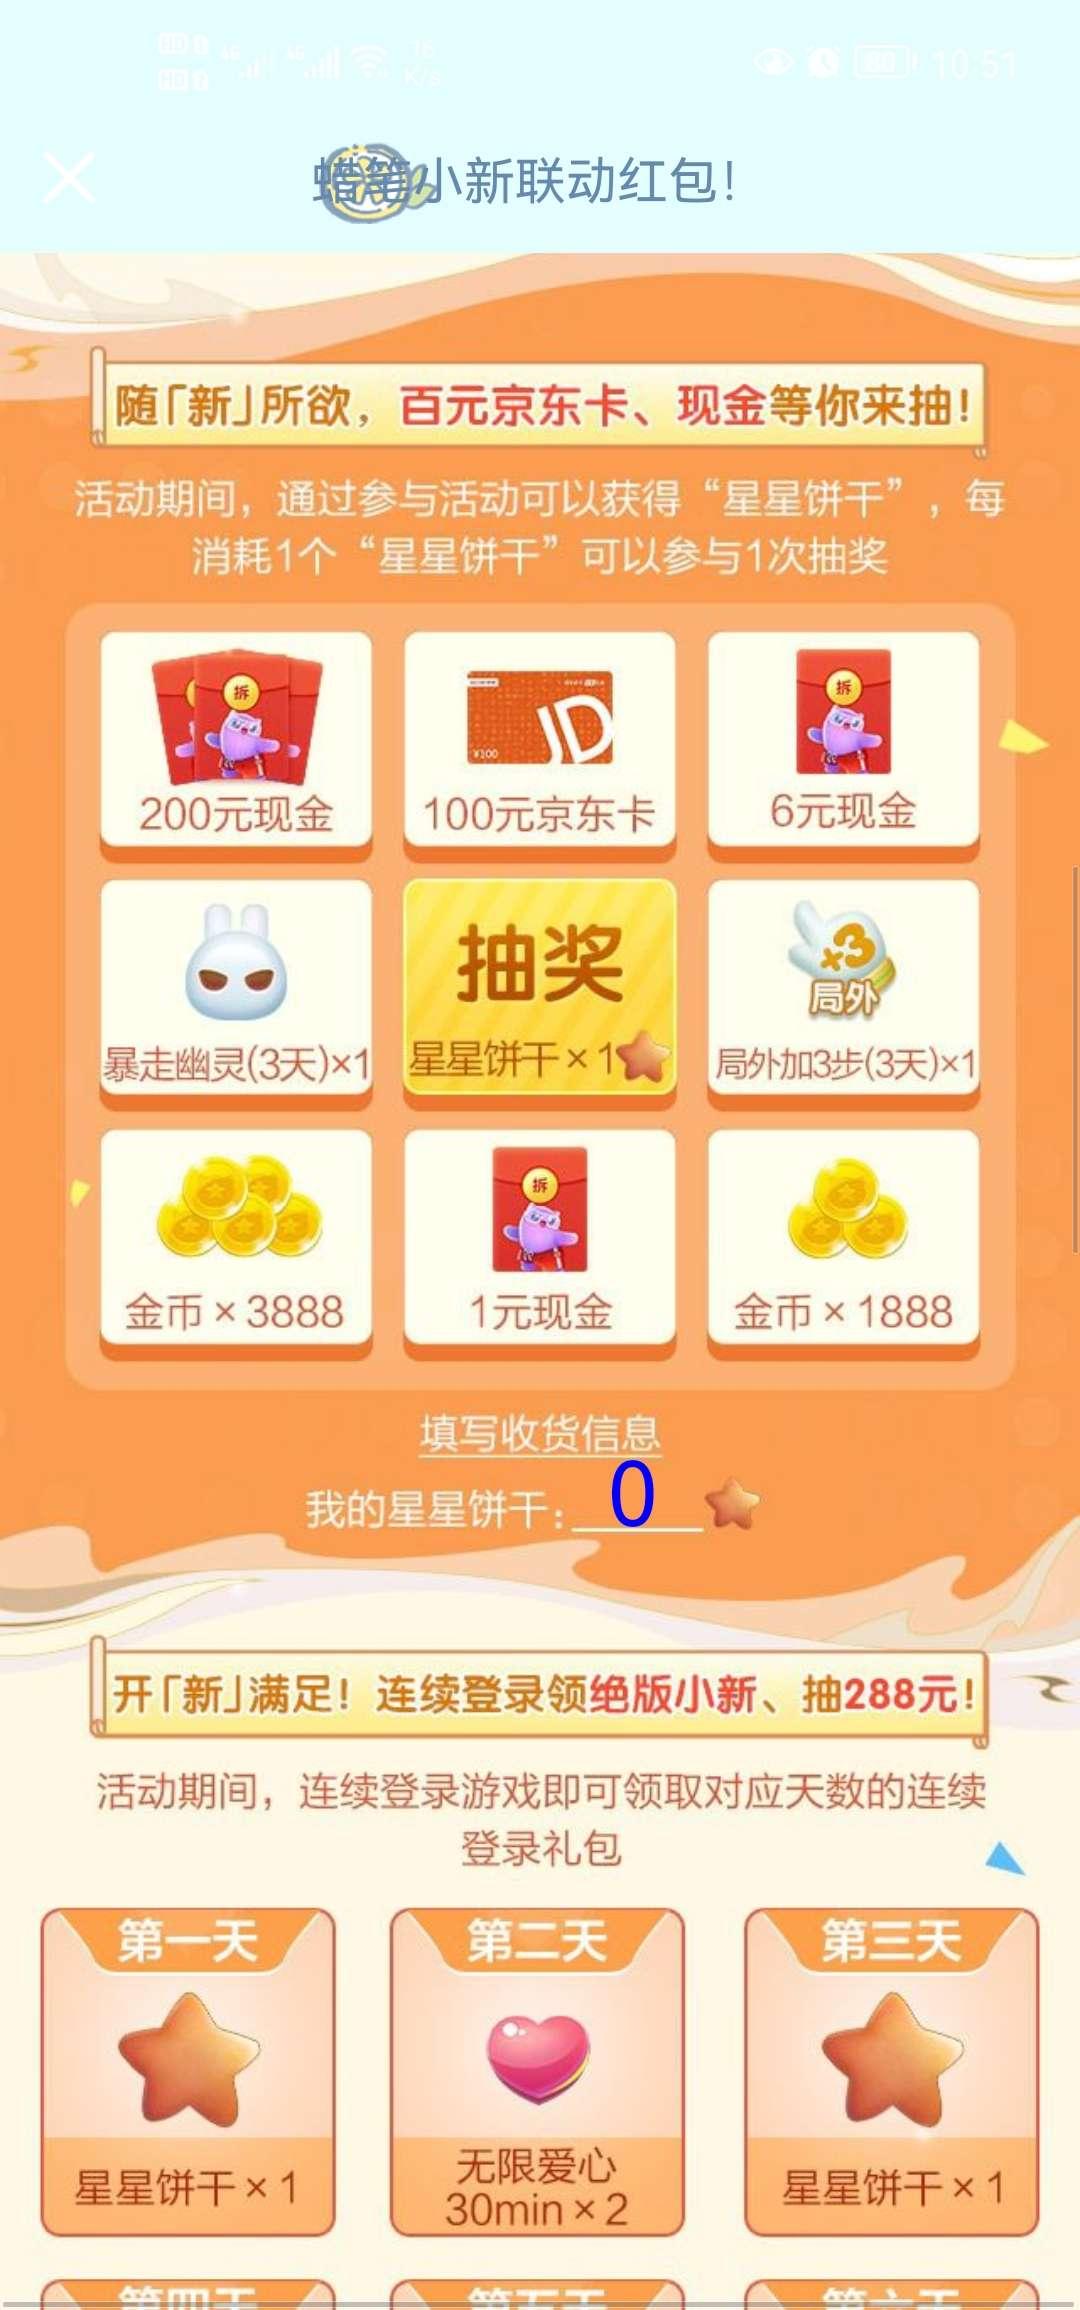 【虚拟商品】爱消除申请注册领2-888Q币插图